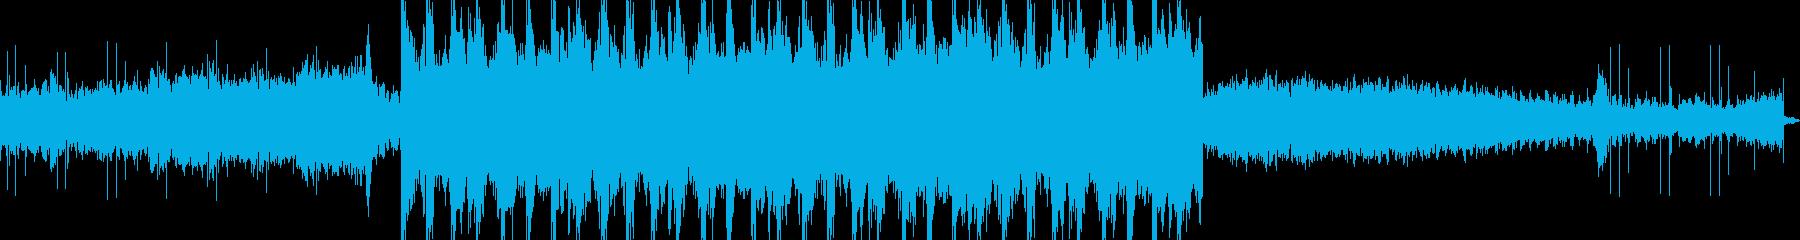 未来的で不思議な雰囲気のBGMの再生済みの波形